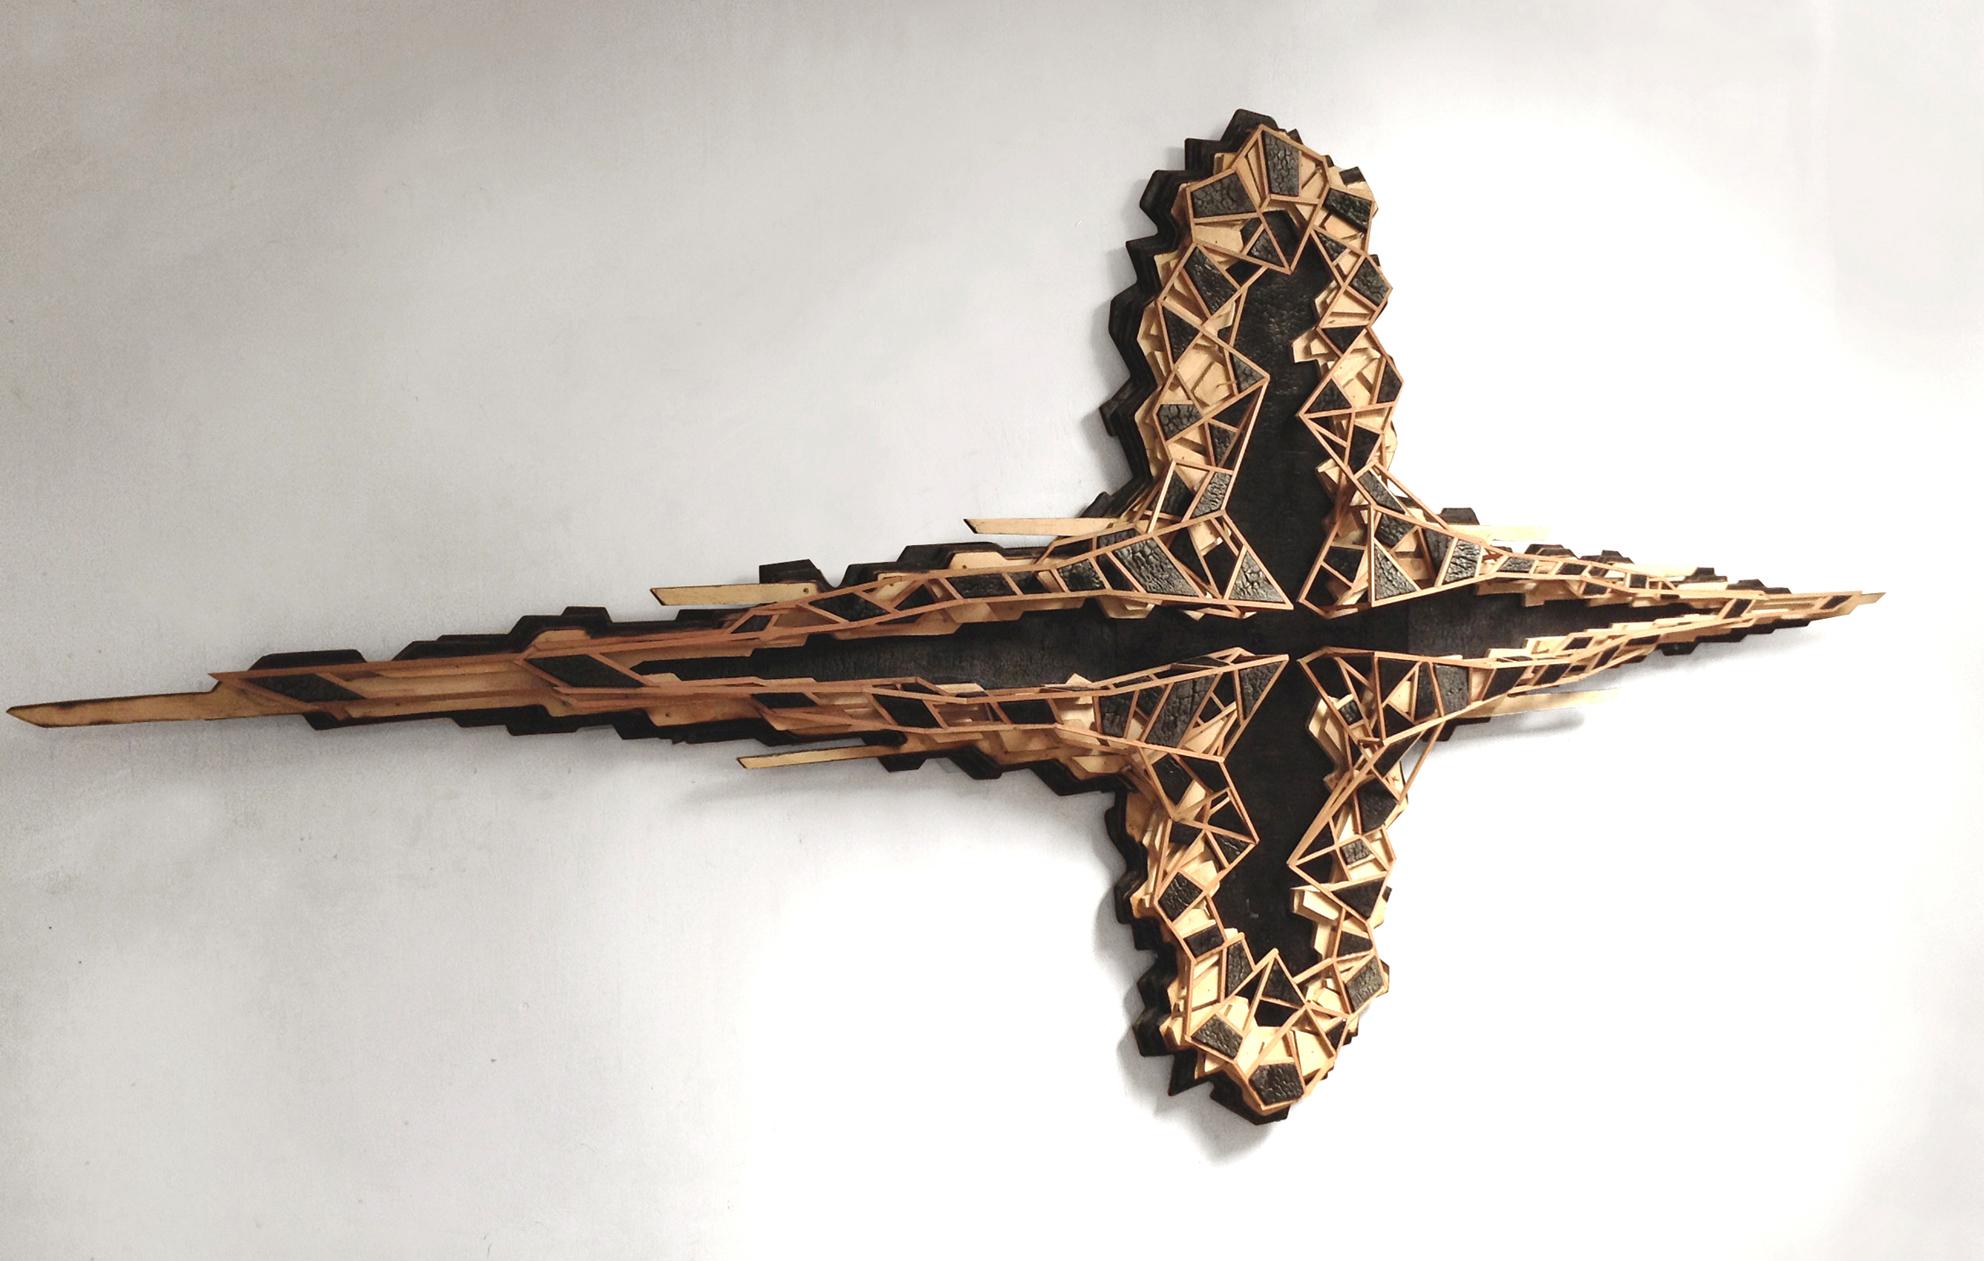 COMBUSTIÓN EXPANSIVA. 2013. Madera quemada, madera de roble y terciado. 275 x 130 x 15 cm.